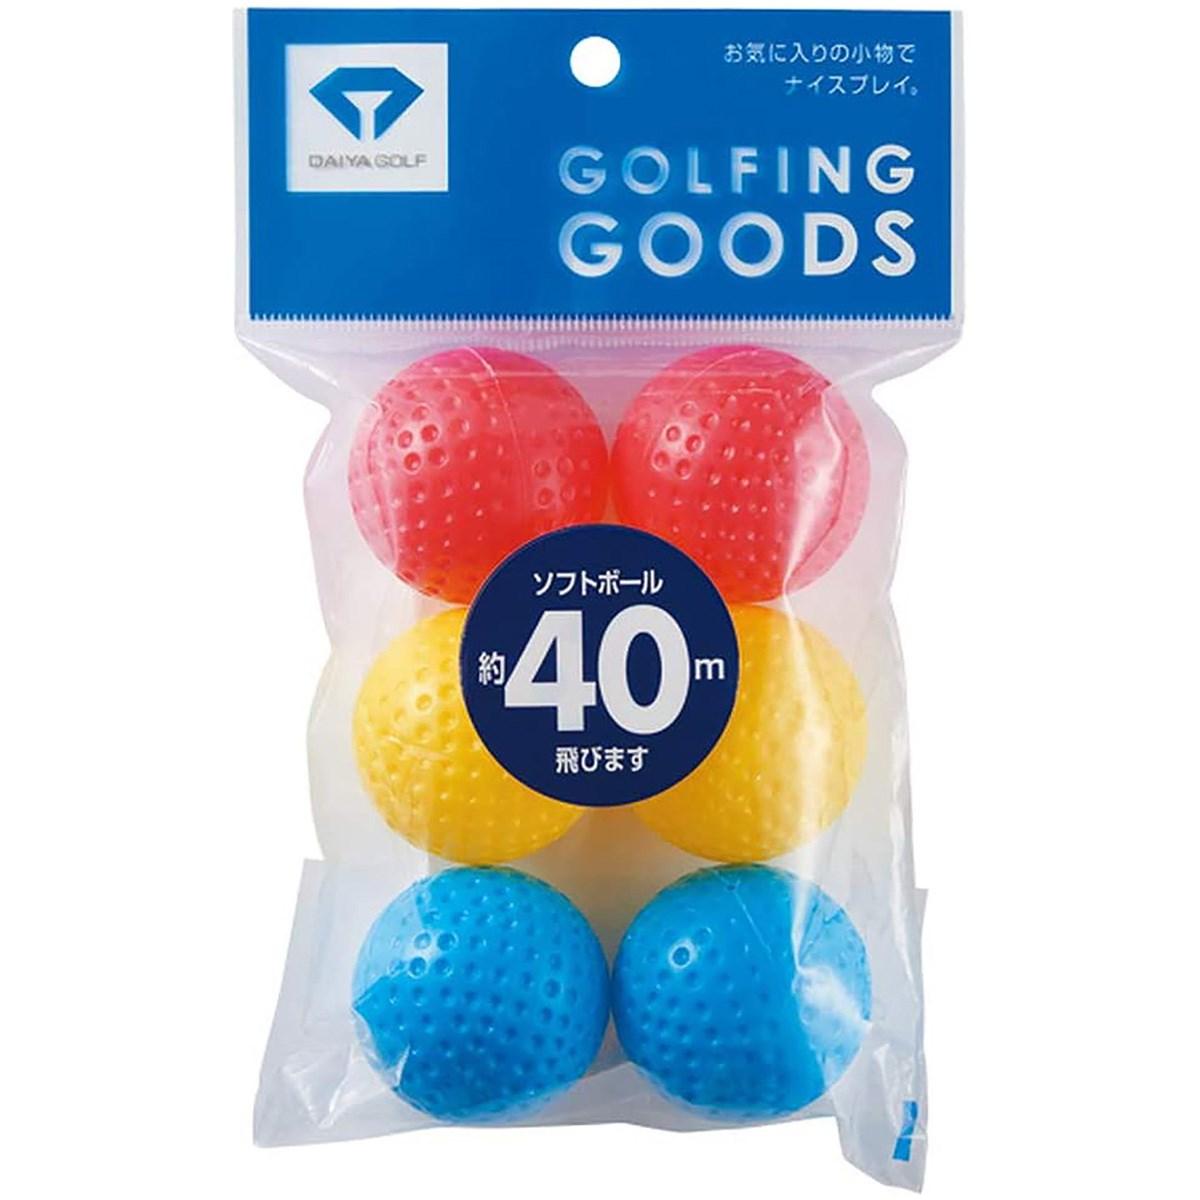 ダイヤゴルフ ソフトボール 6個入り AS-079